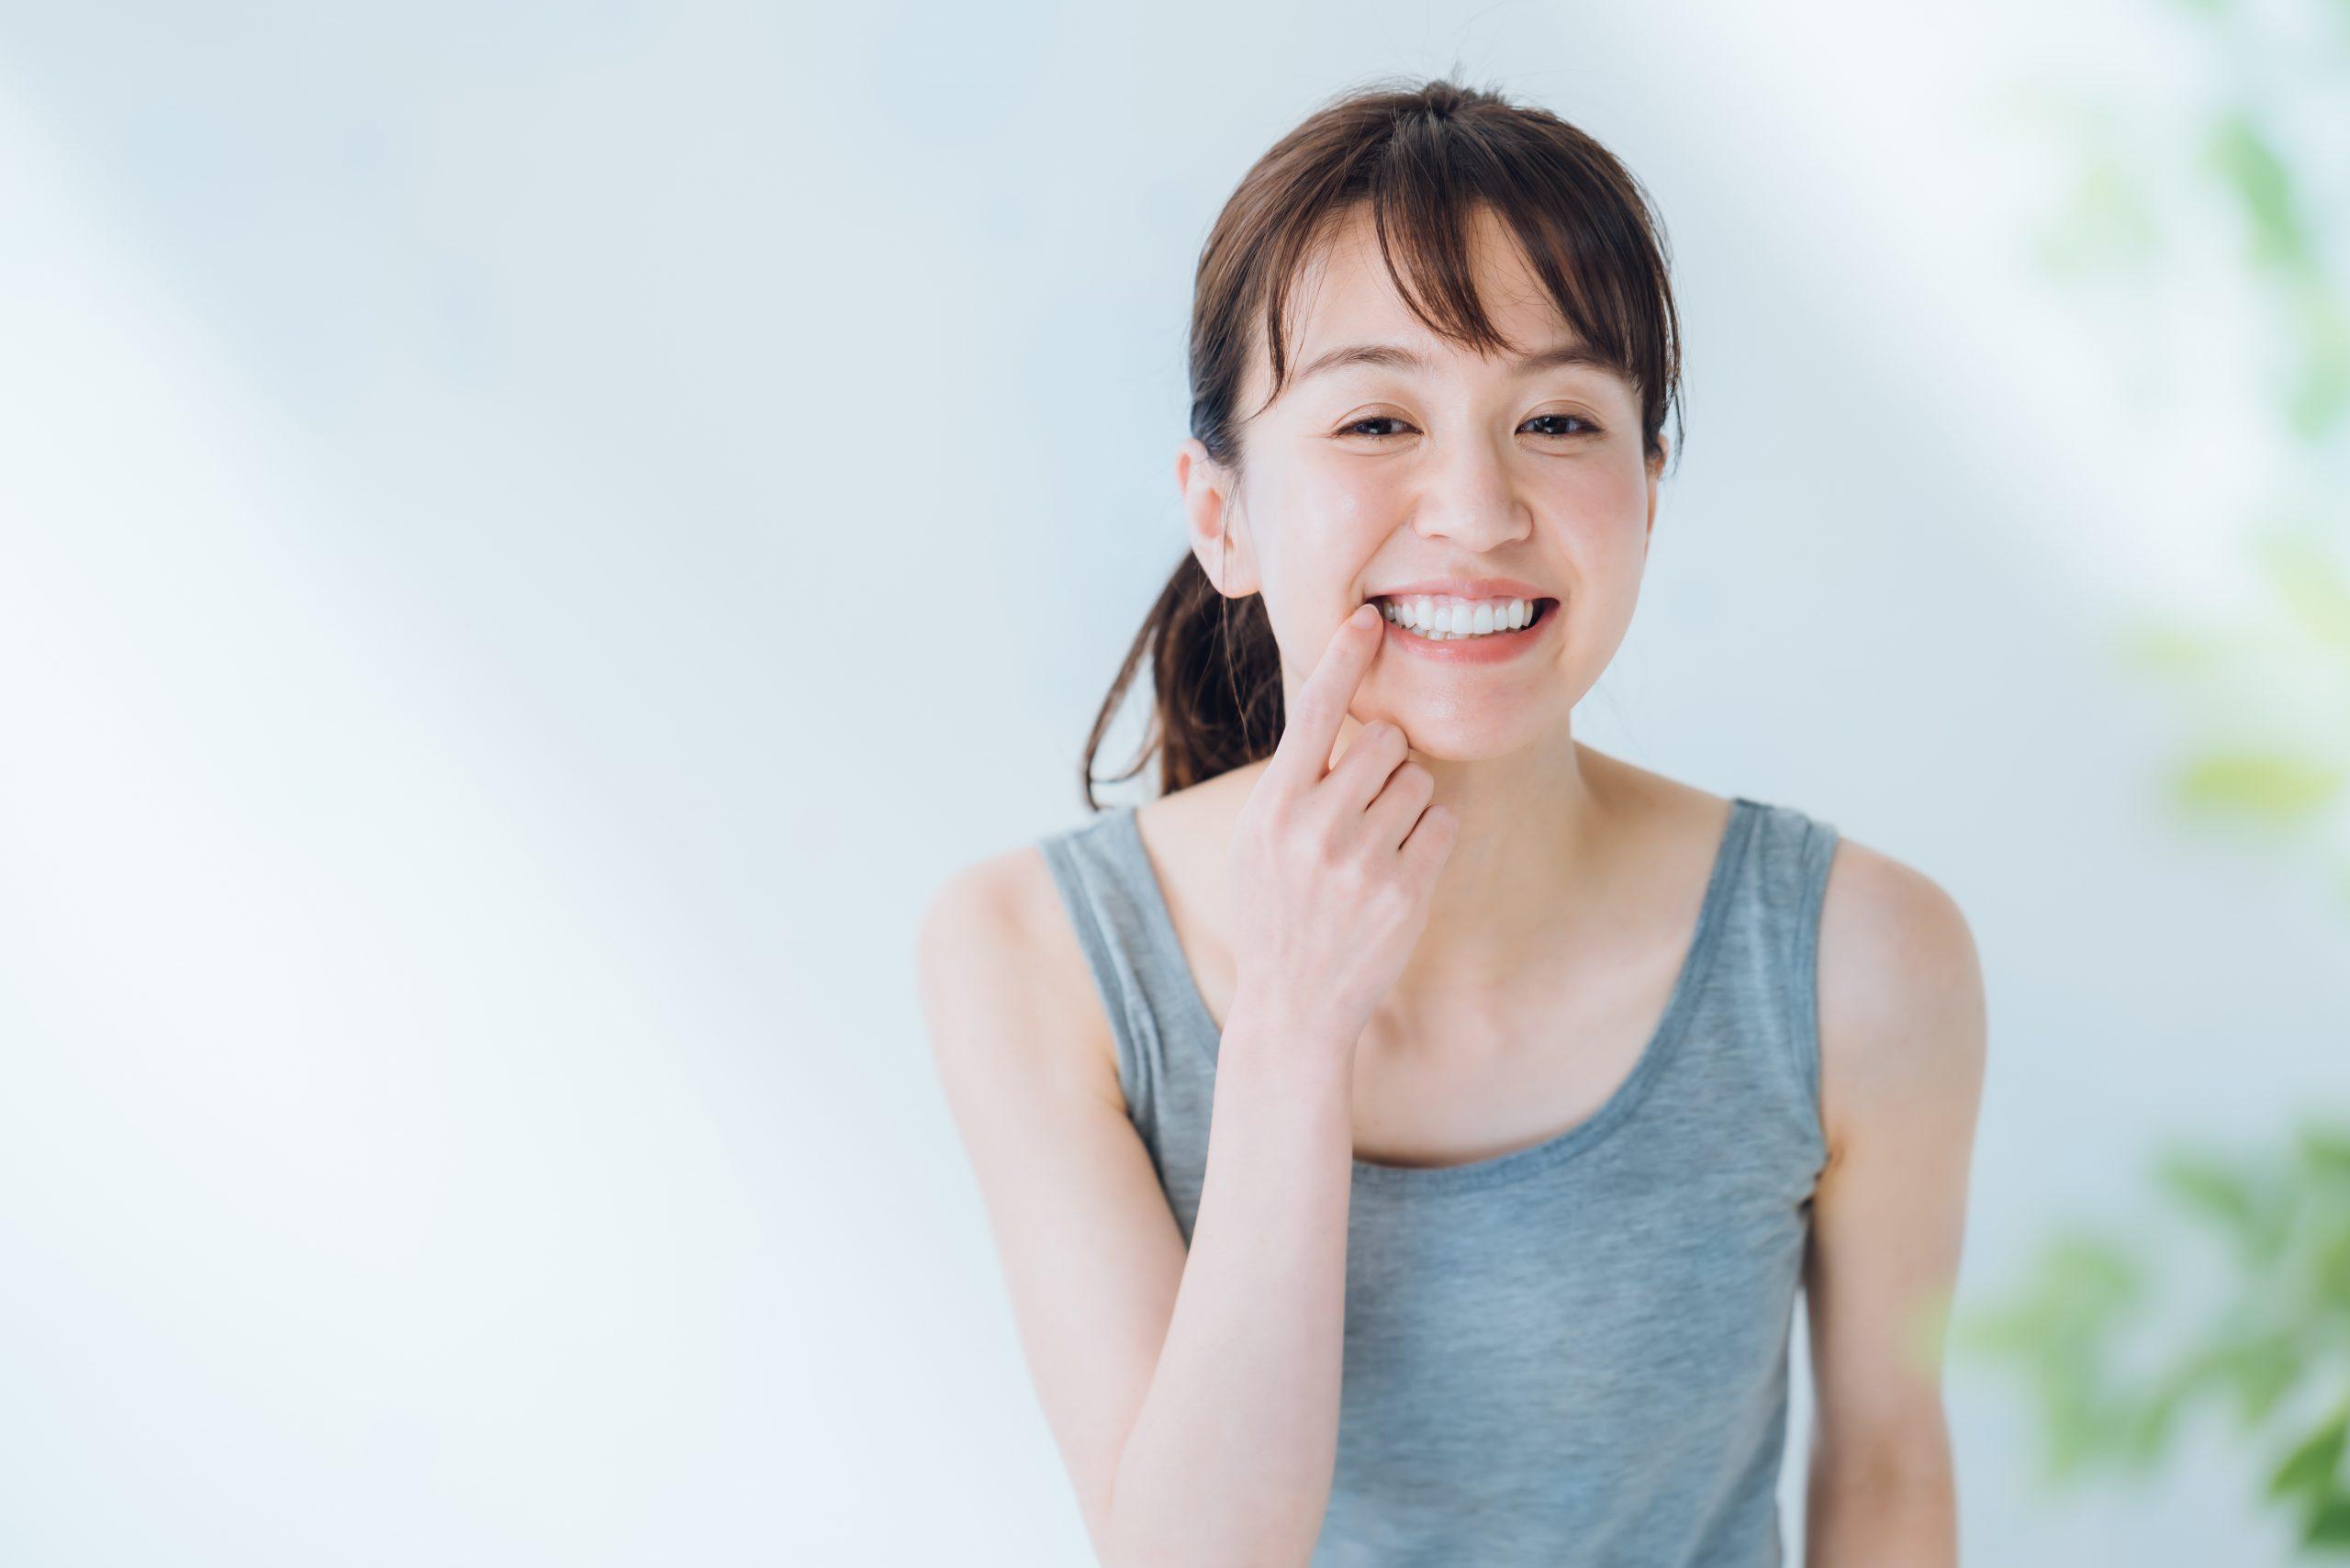 マウスピース矯正 欠損歯